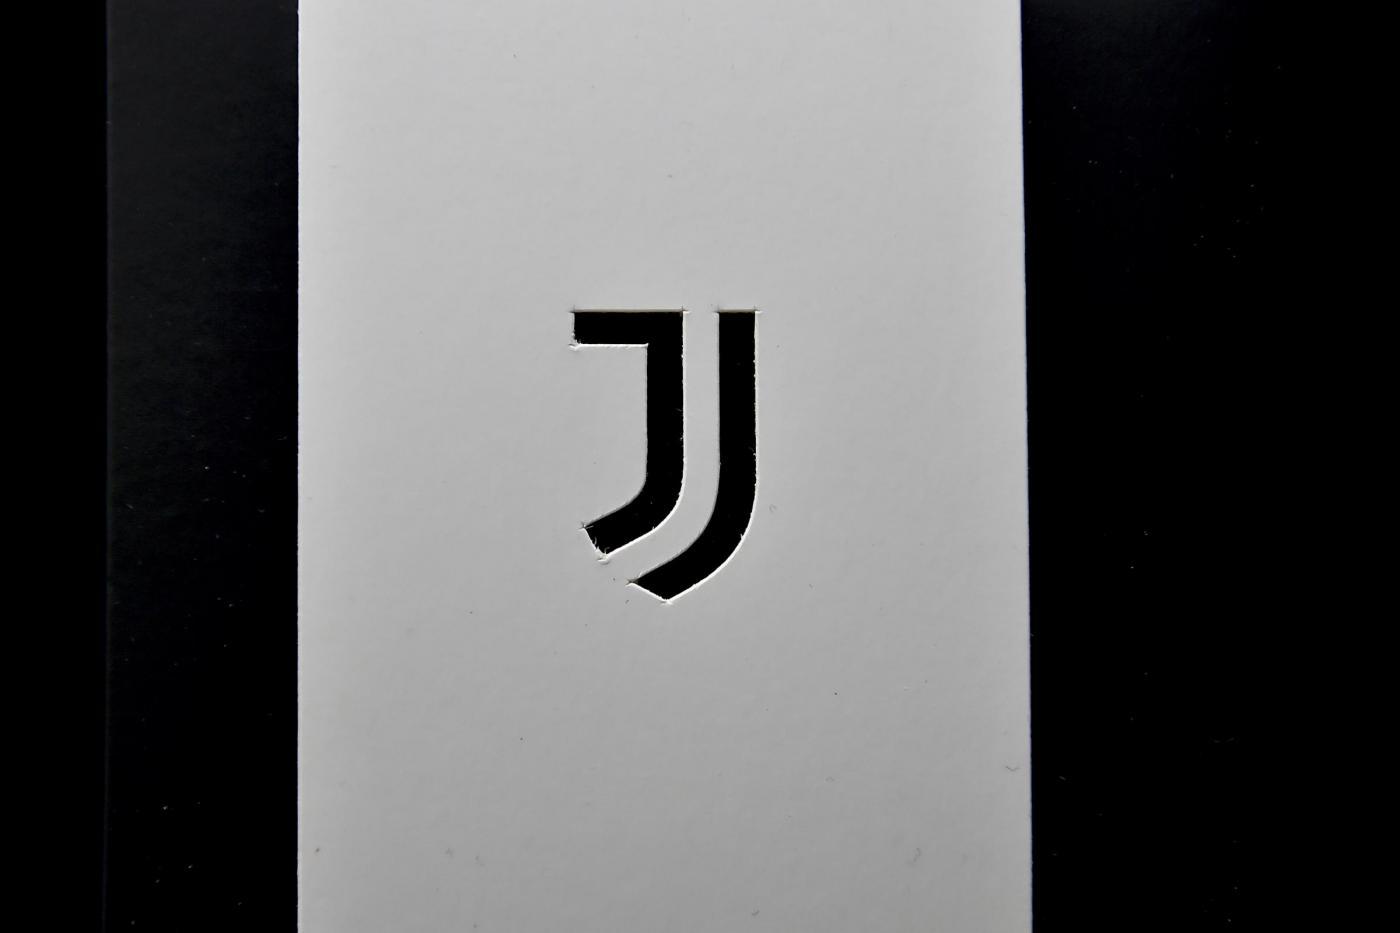 La juventus nel futuro debutta il logo e l allianz arena for Logo juventus vecchio